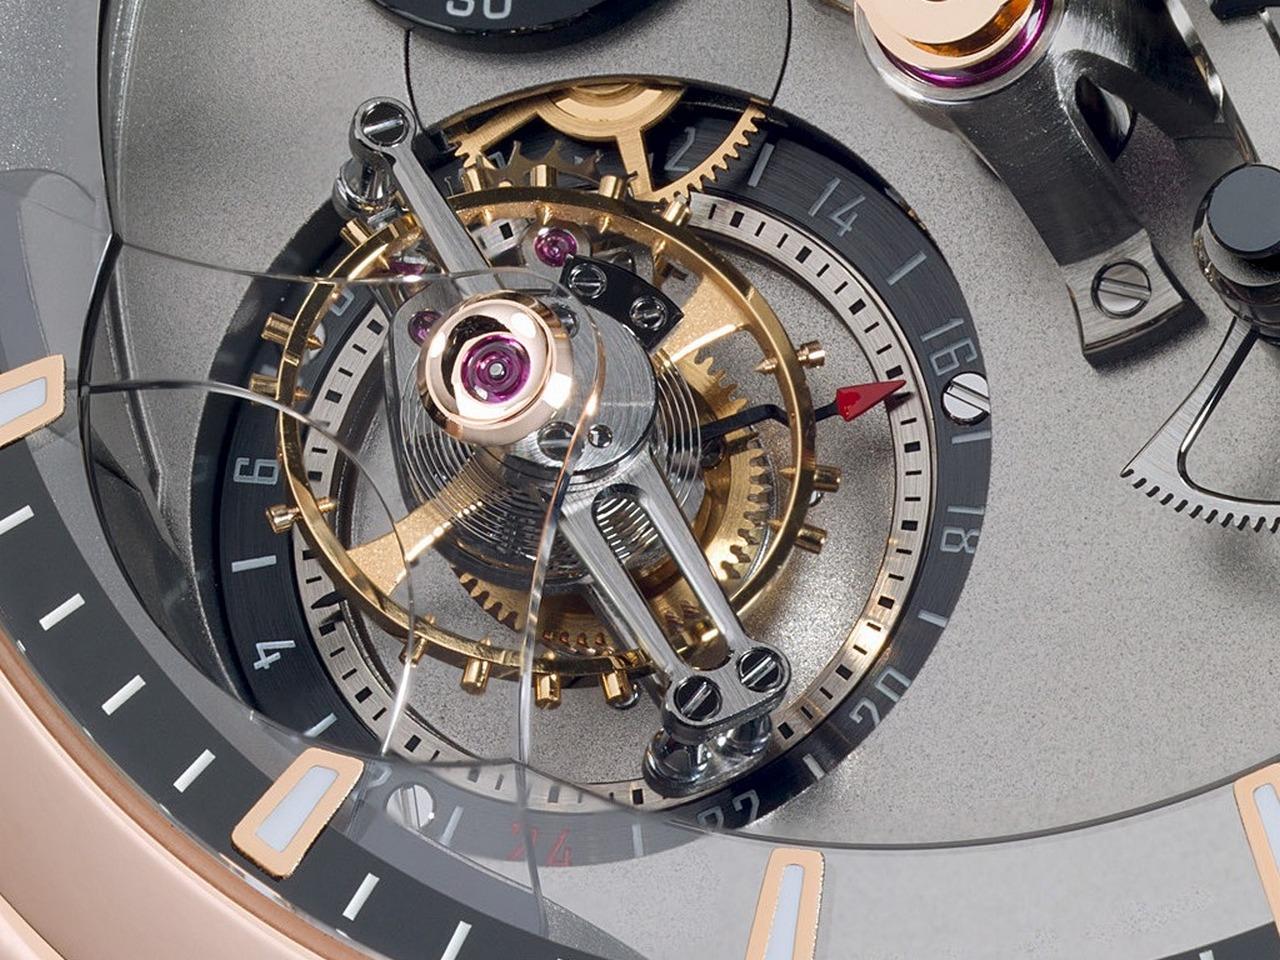 greubel-forsey-tourbillon-24-secondes-contemporain-con-movimento-in-titanio_0_1004